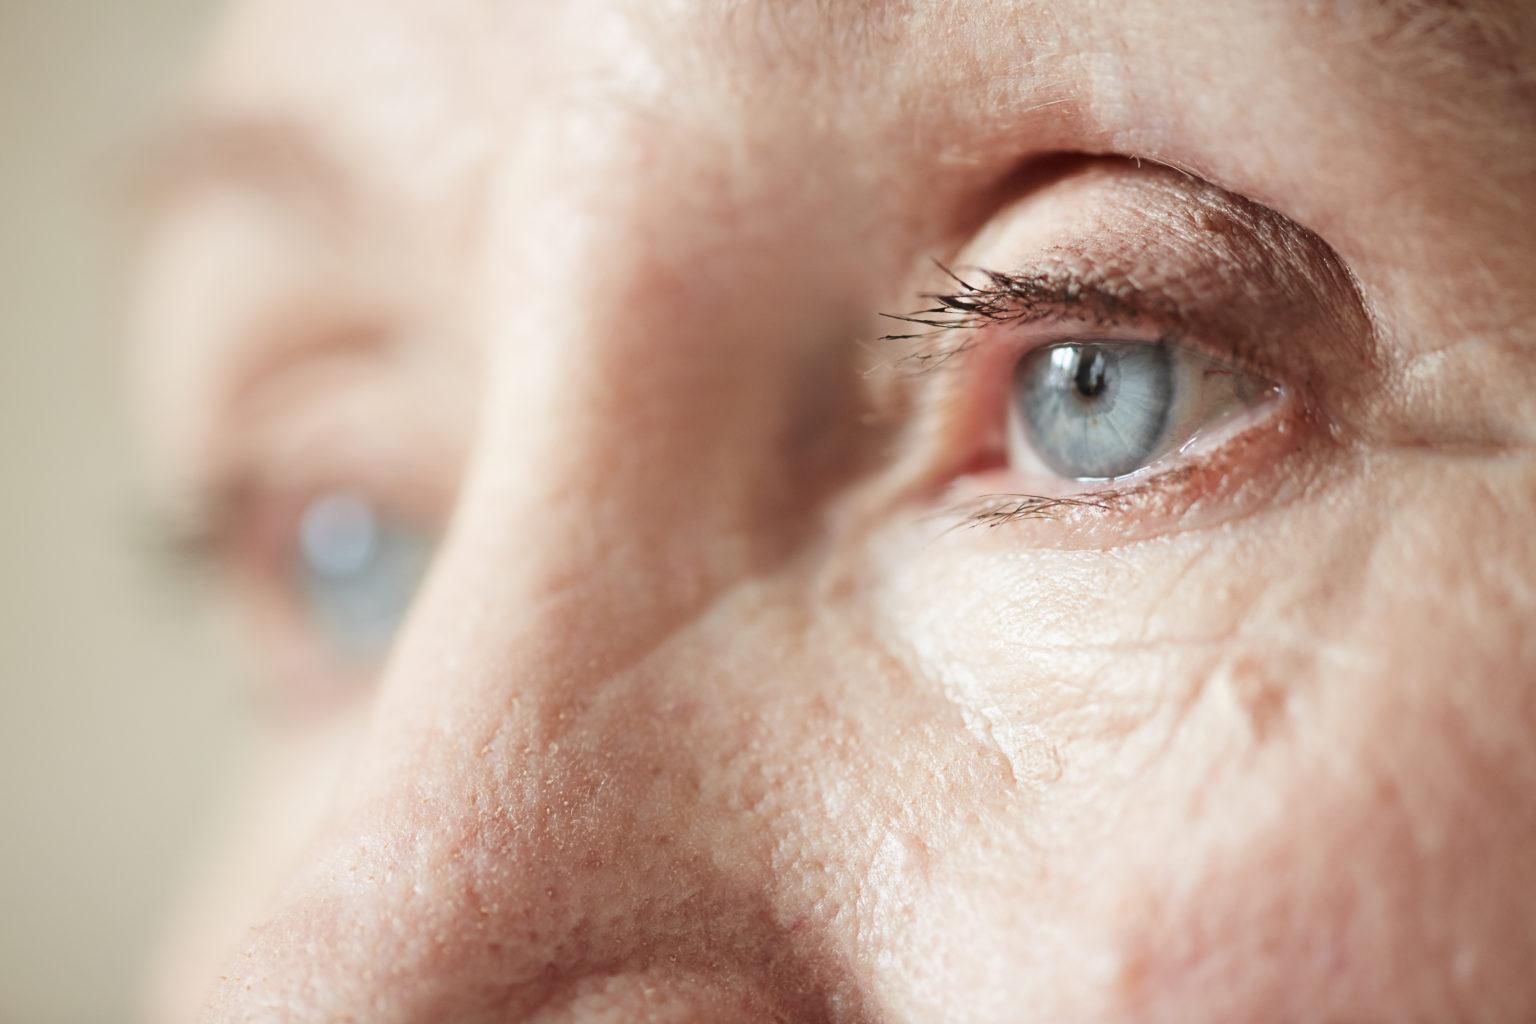 Blaue Augen einer alte Person